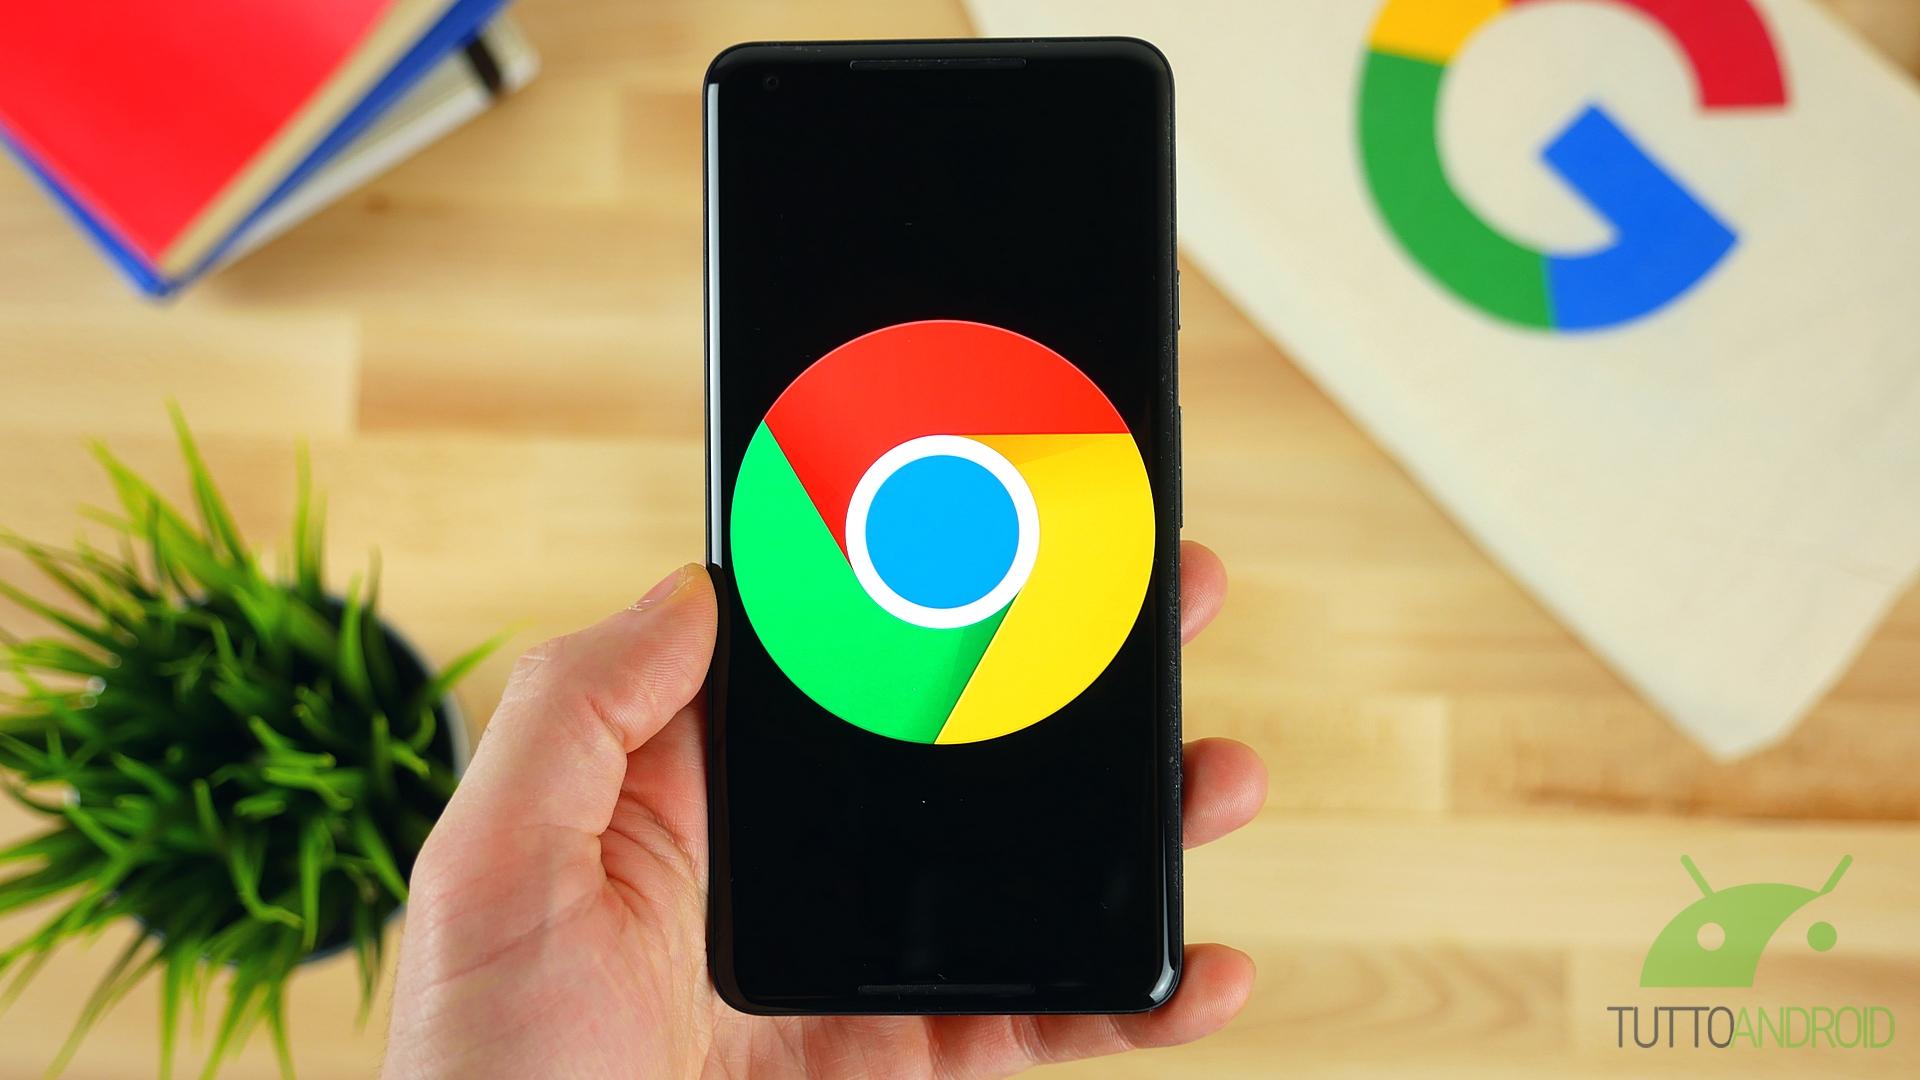 Google rimuove il supporto ai cookie di terze parti su Chrome e migliora l'interfaccia